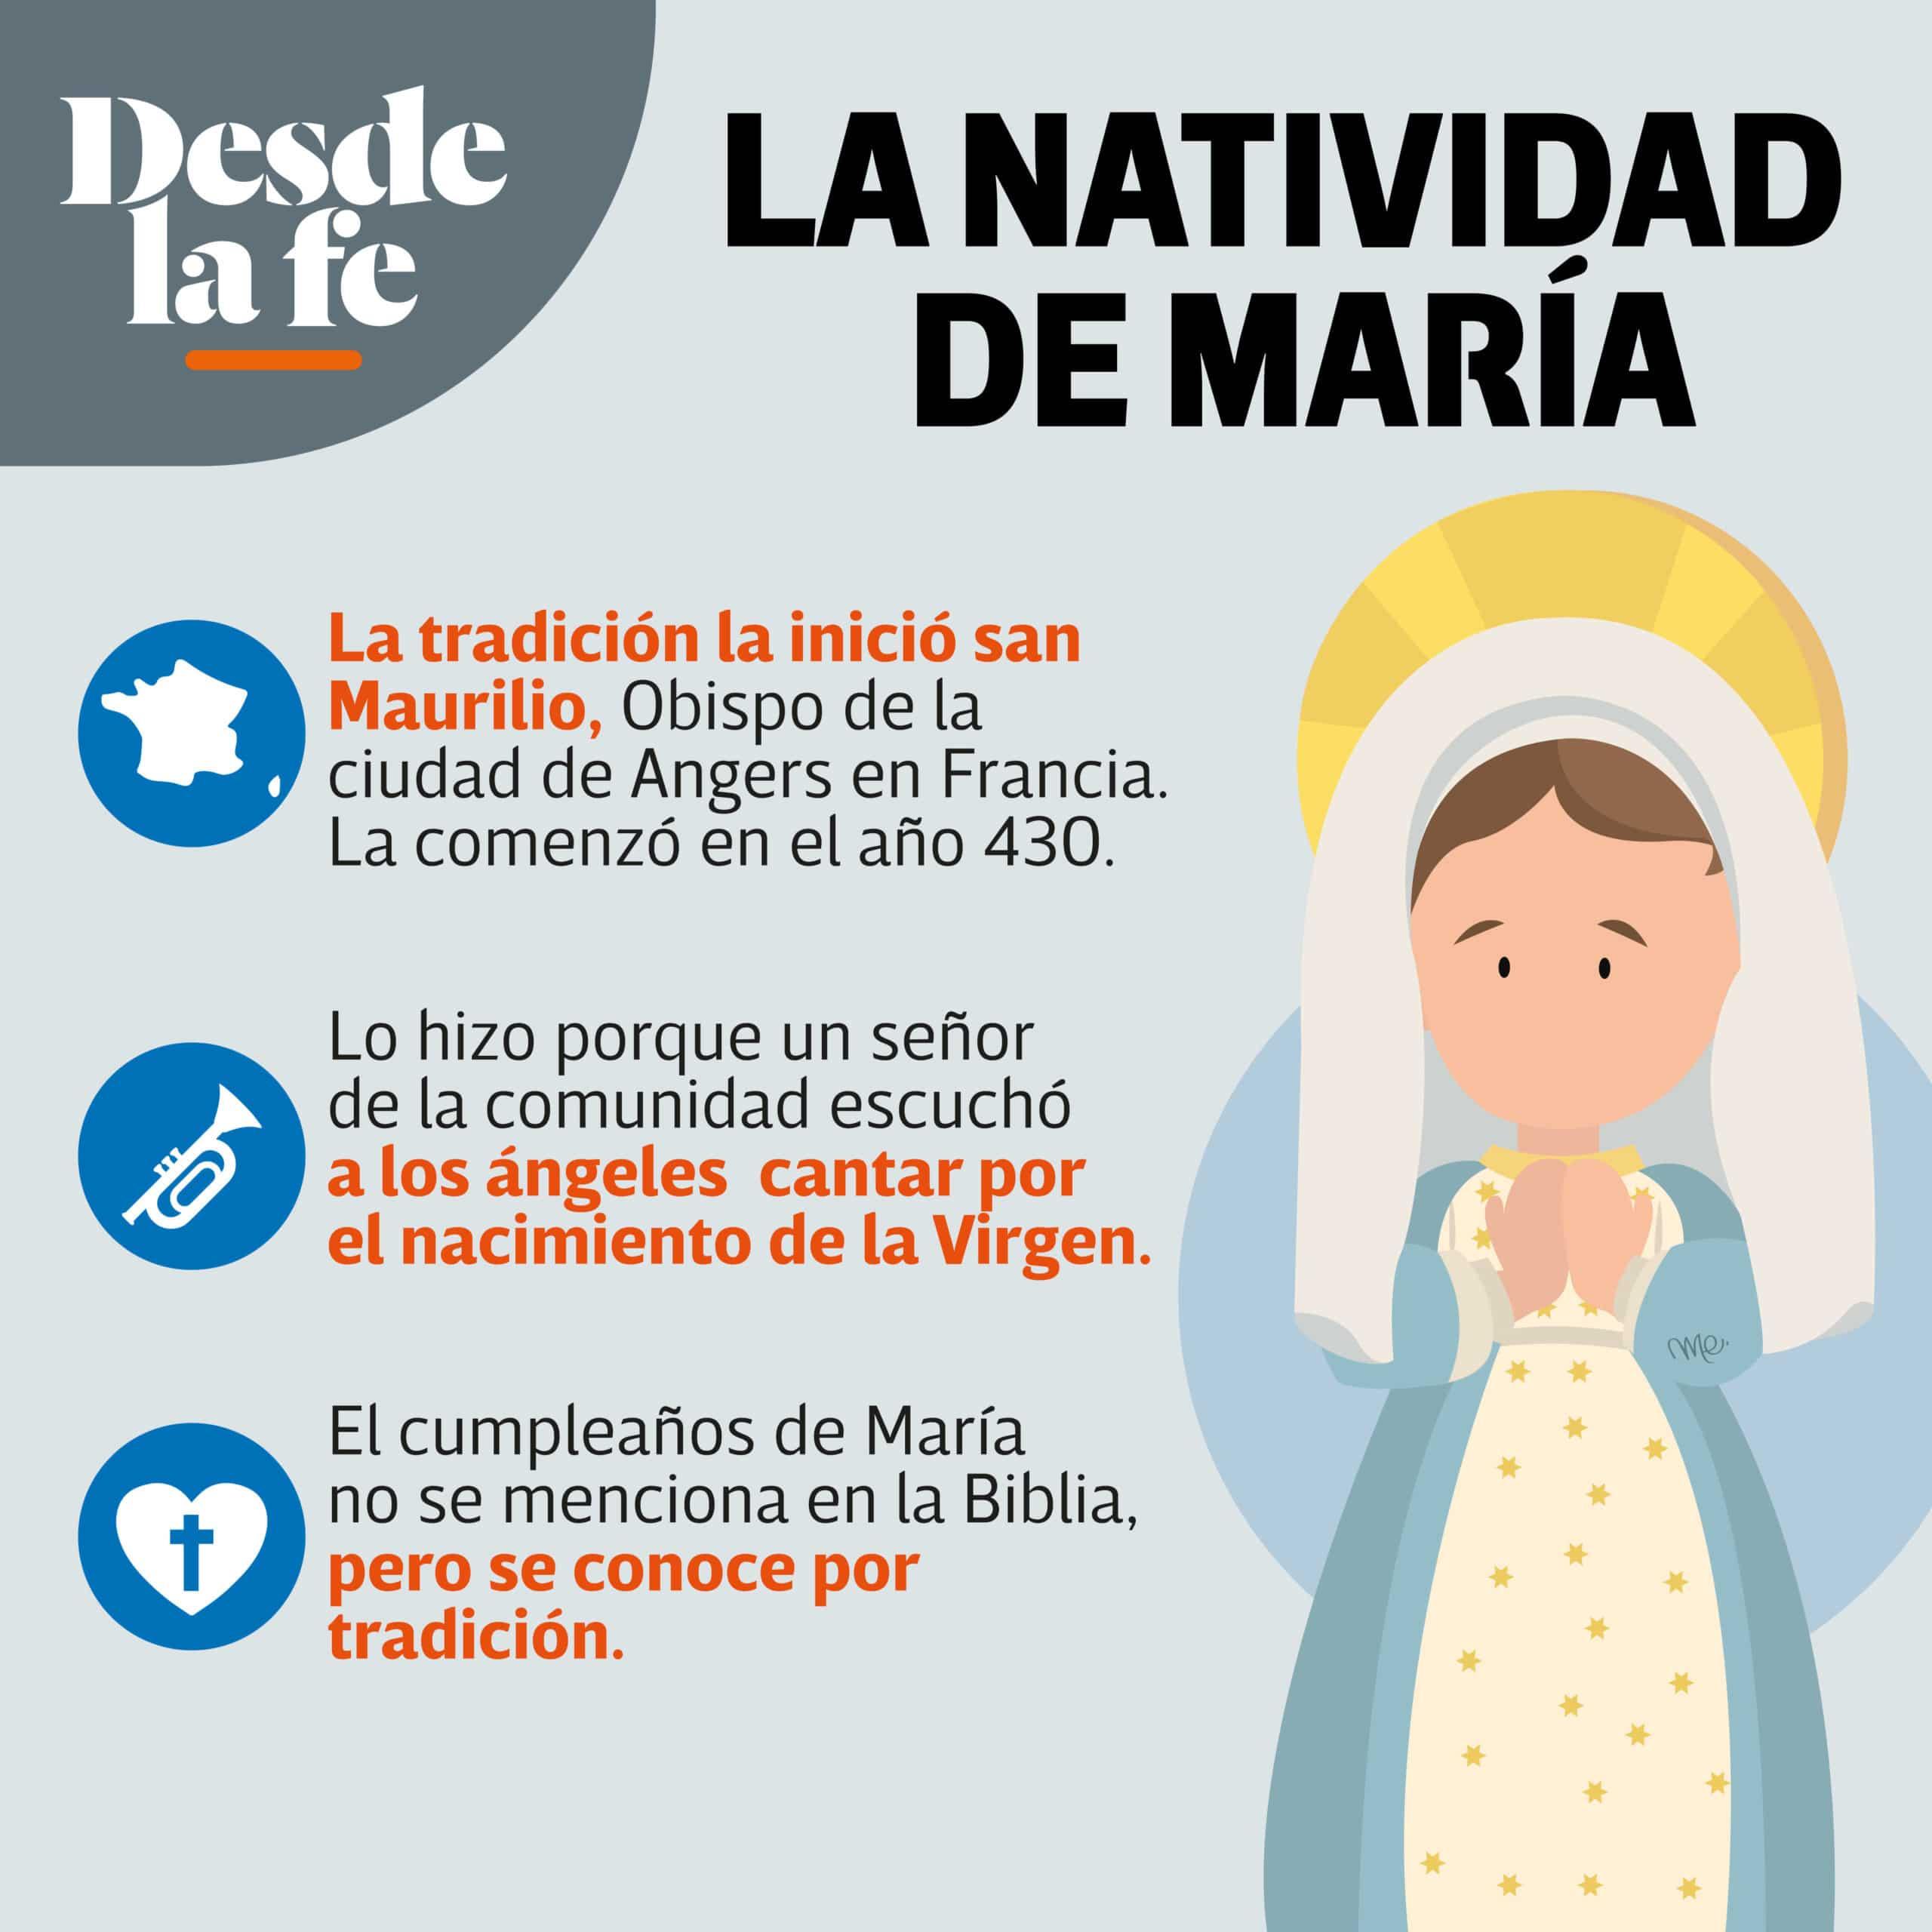 Natividad de la Virgen María.